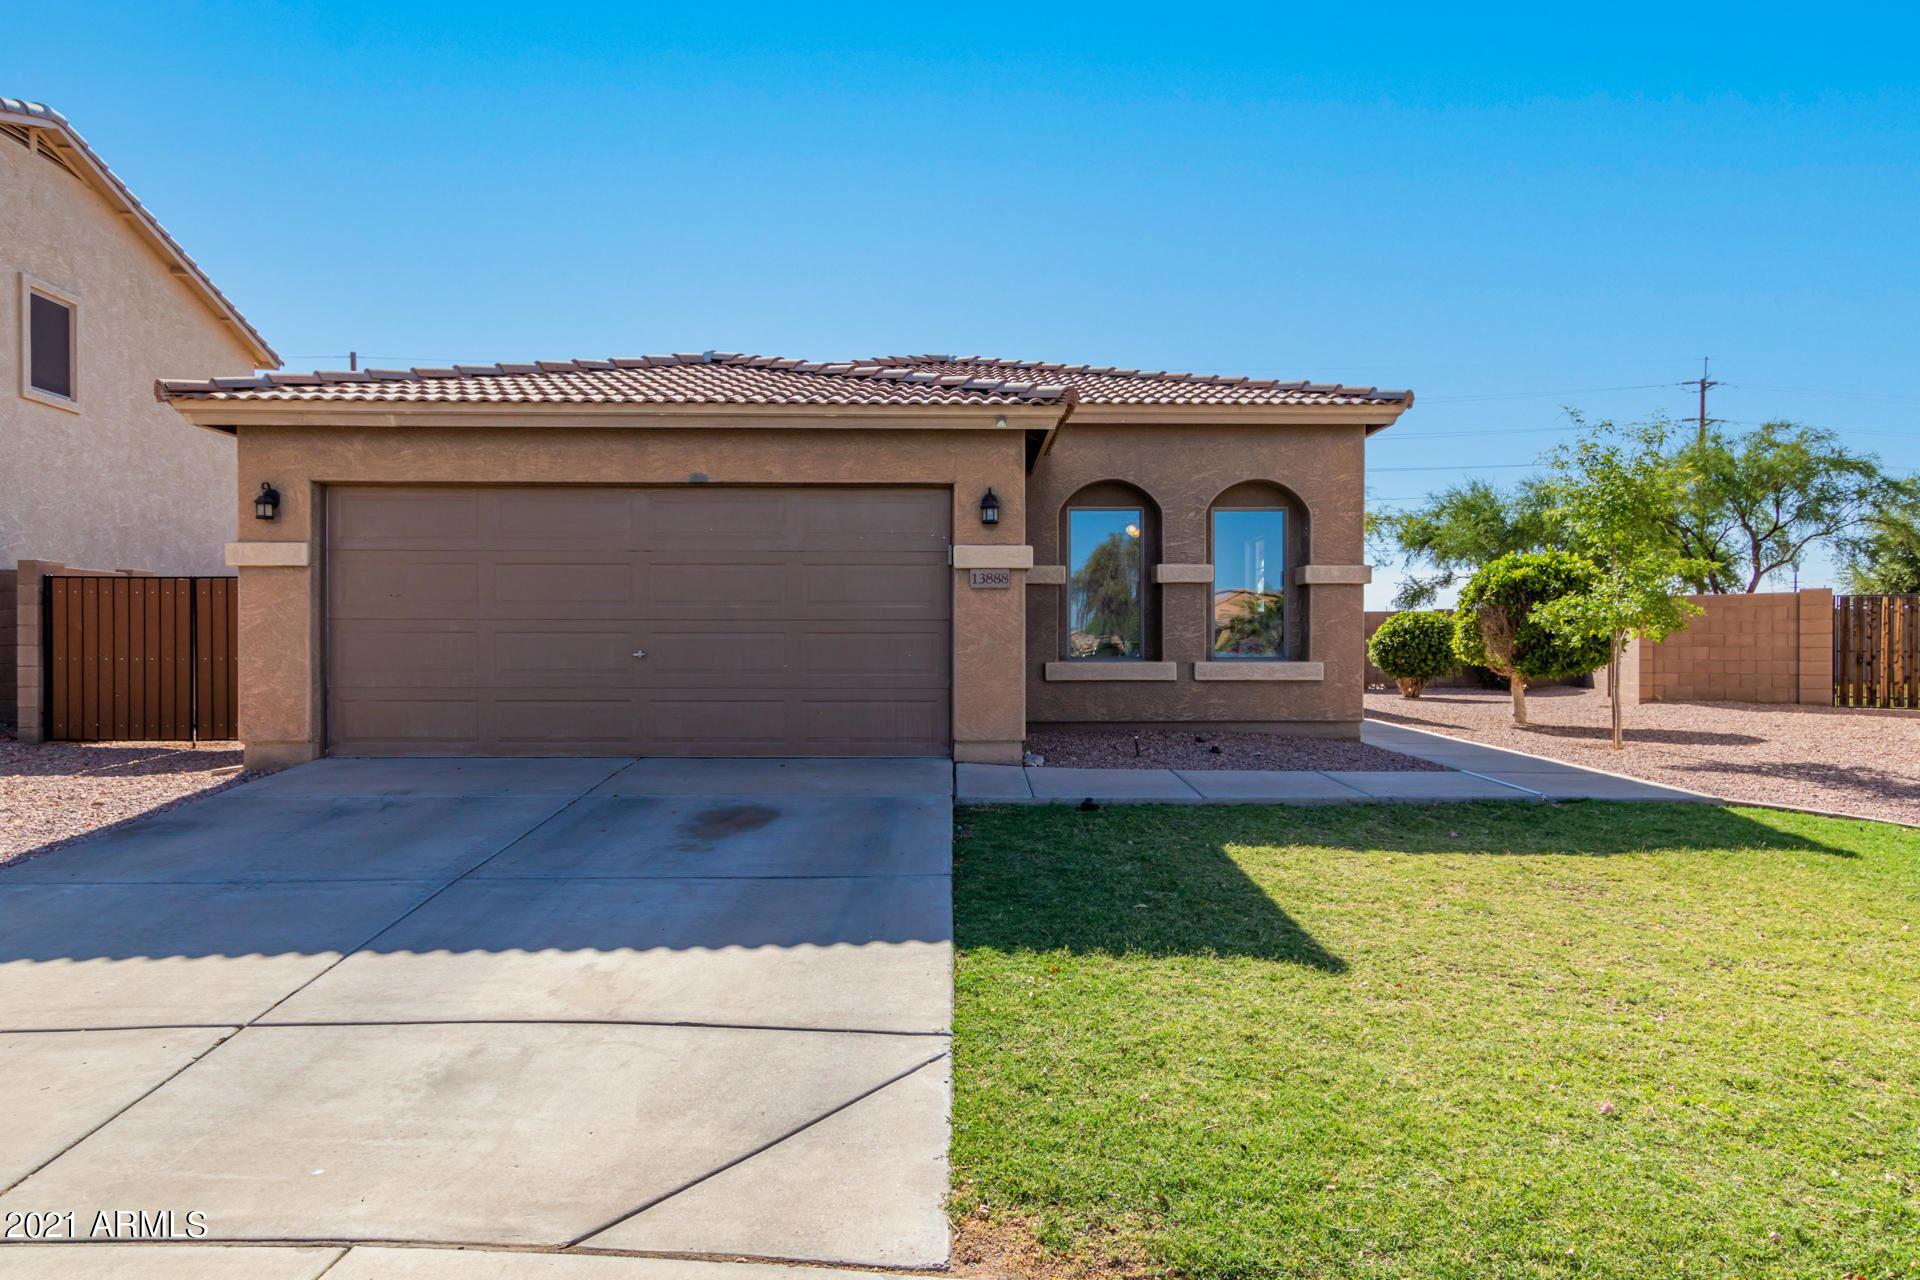 Photo of 13888 N 162ND Lane, Surprise, AZ 85379 (MLS # 6232232)